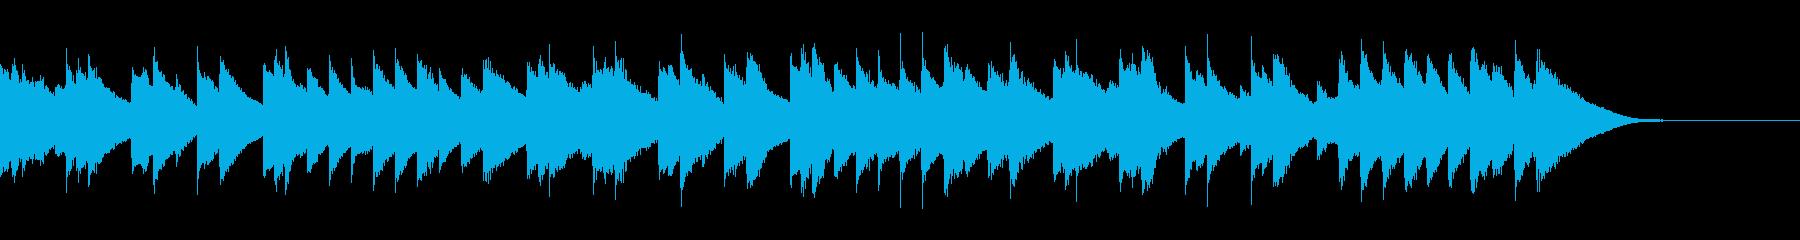 クリスマス ピアノ 木琴 バイオリ...の再生済みの波形